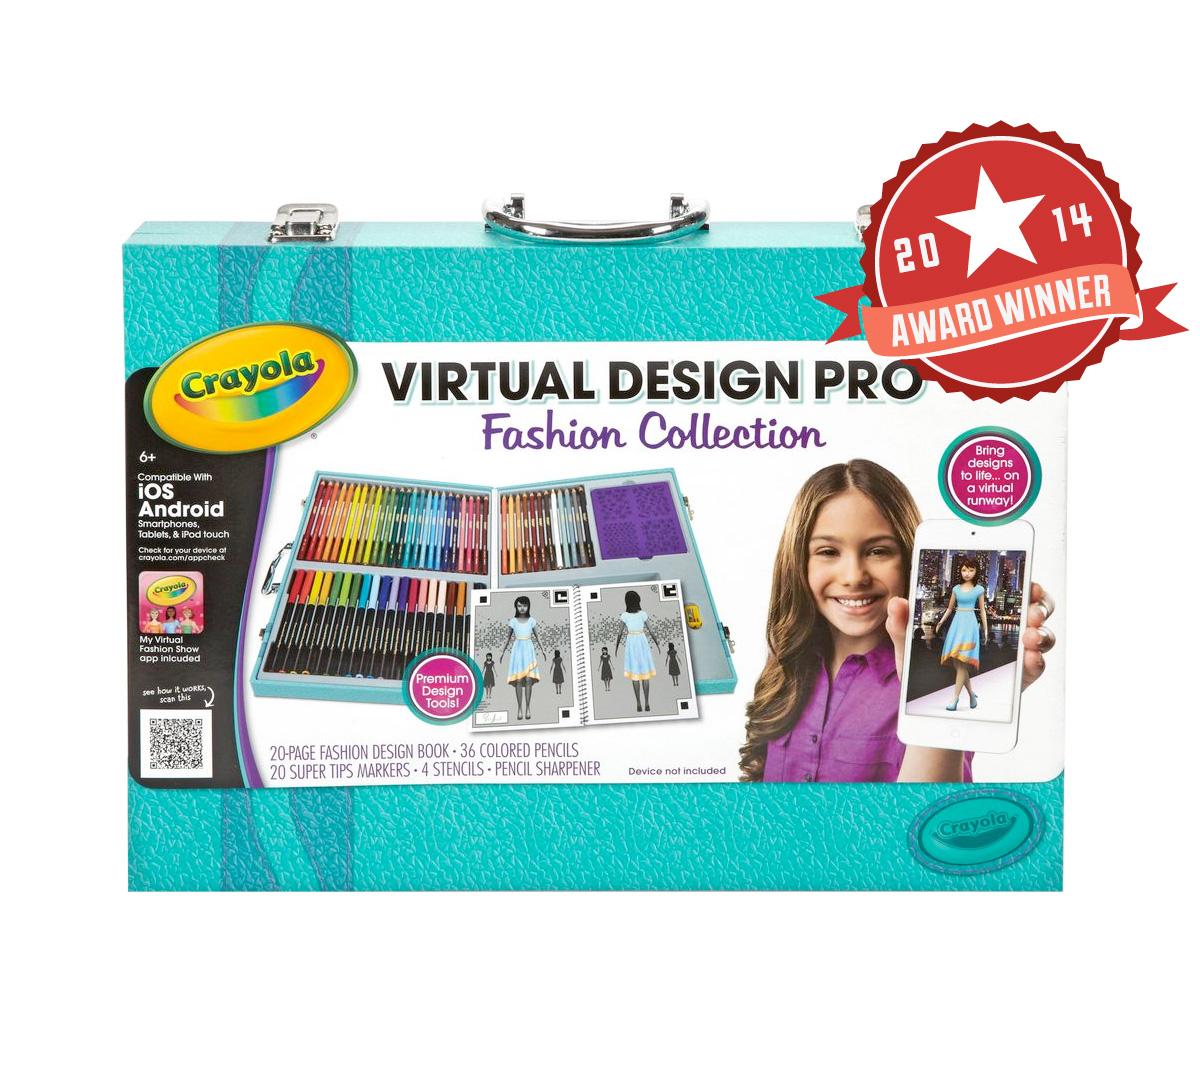 Virtual Design Pro Fashion Collection Crayola